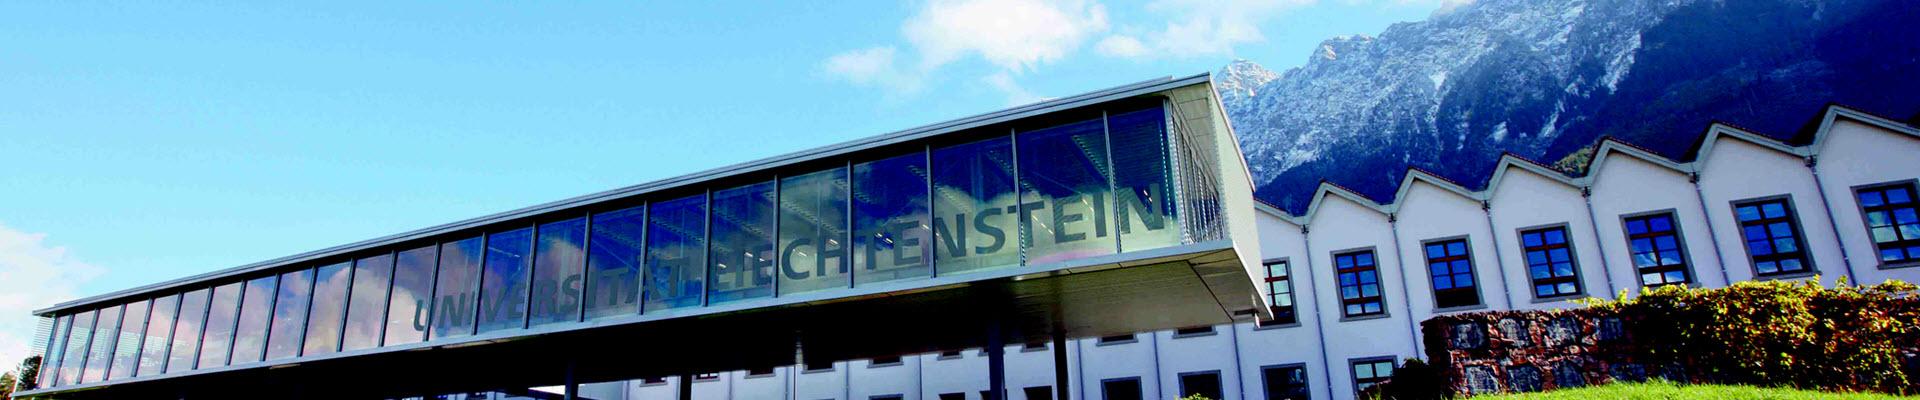 Universität Liechtenstein - Bild